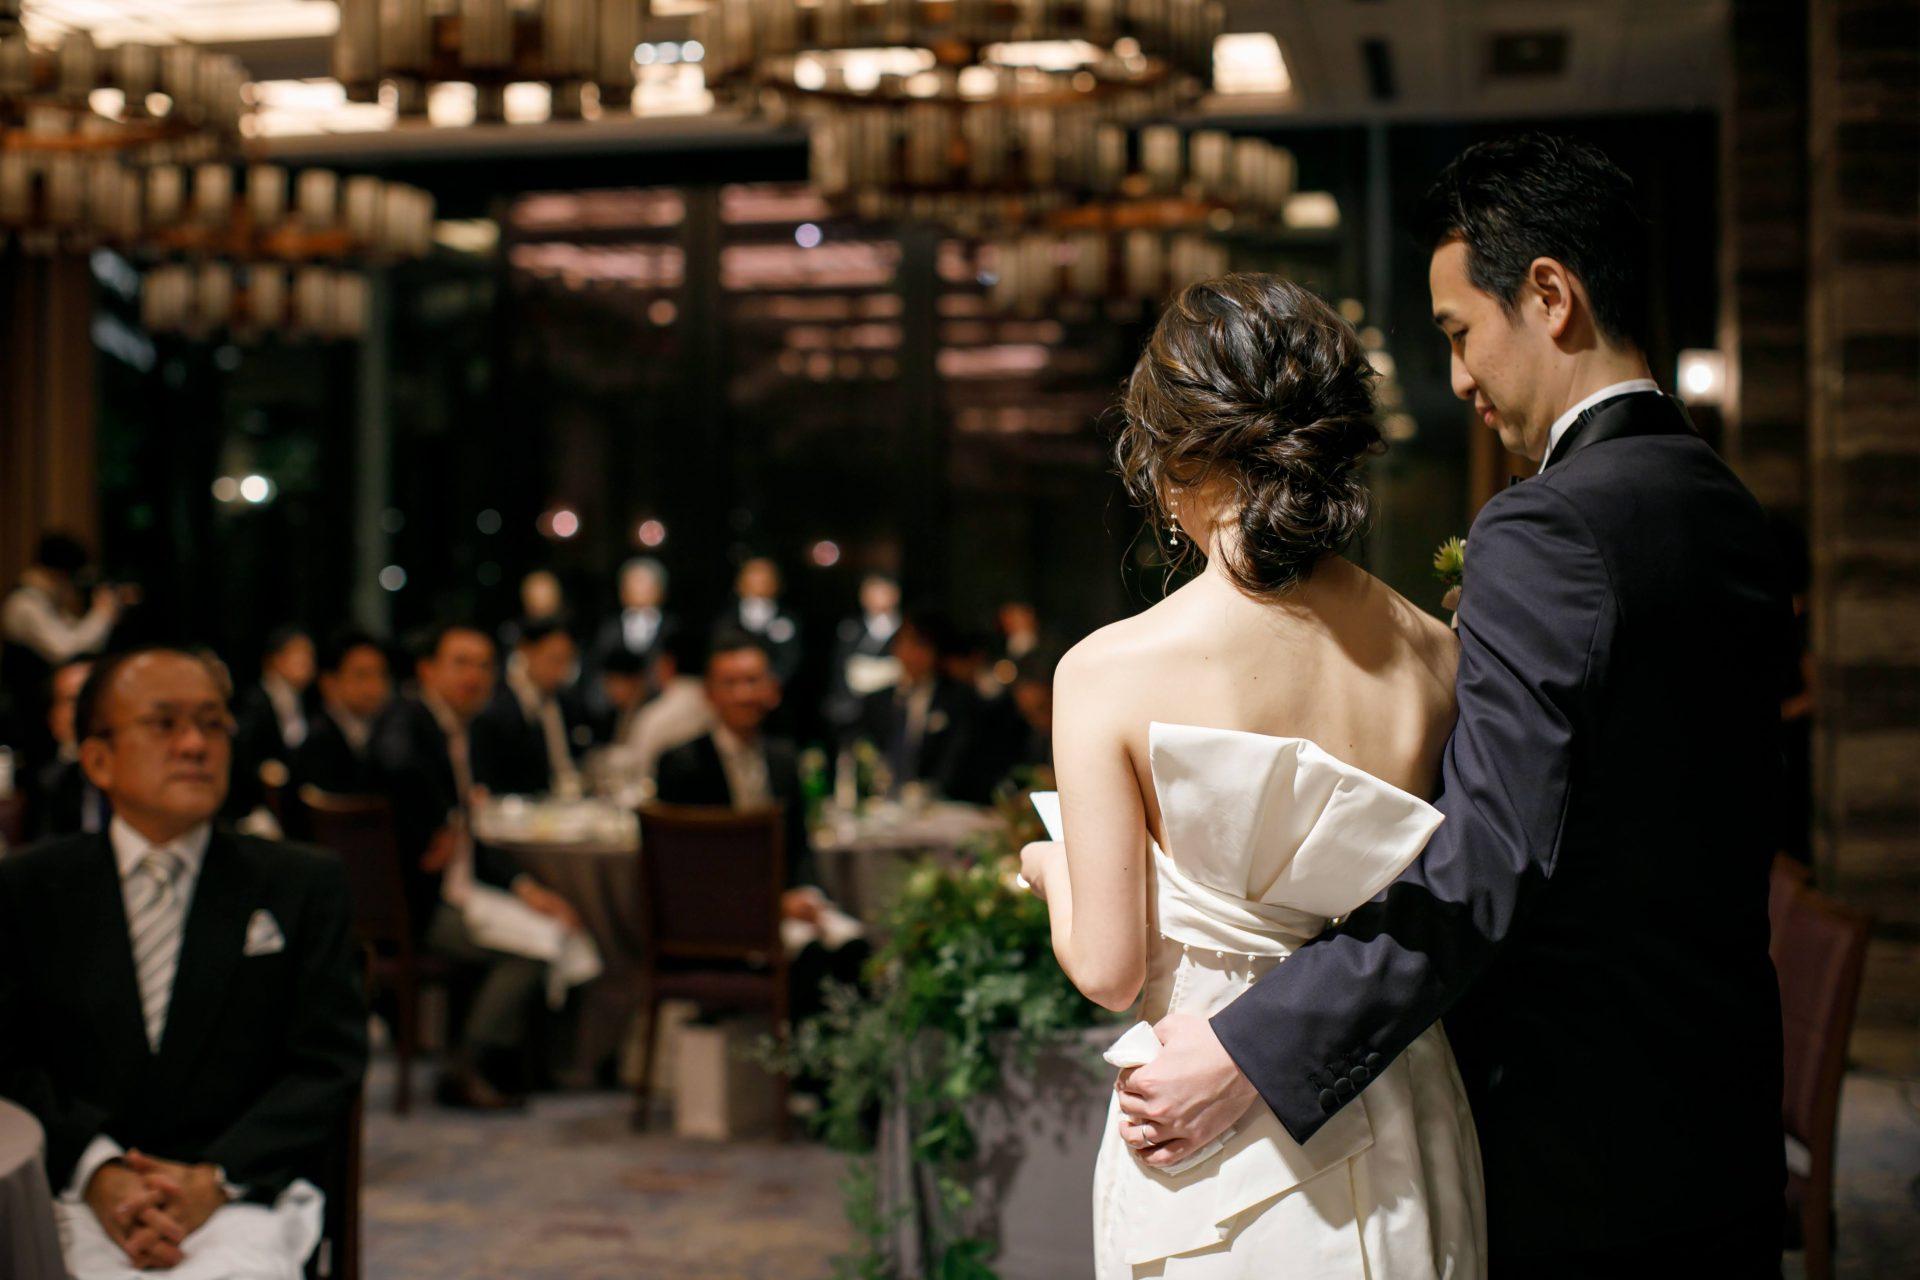 沢山のゲストに見守られたあたたかい結婚式を行ったご新婦様がお召しになられたのは、バックスタイルの縦リボンのデザインが特徴のレラ・ローズというニューヨークのブランドのウェディングドレスで、東京表参道にあるざ・トリート・ドレッシングにて取り扱いがございます